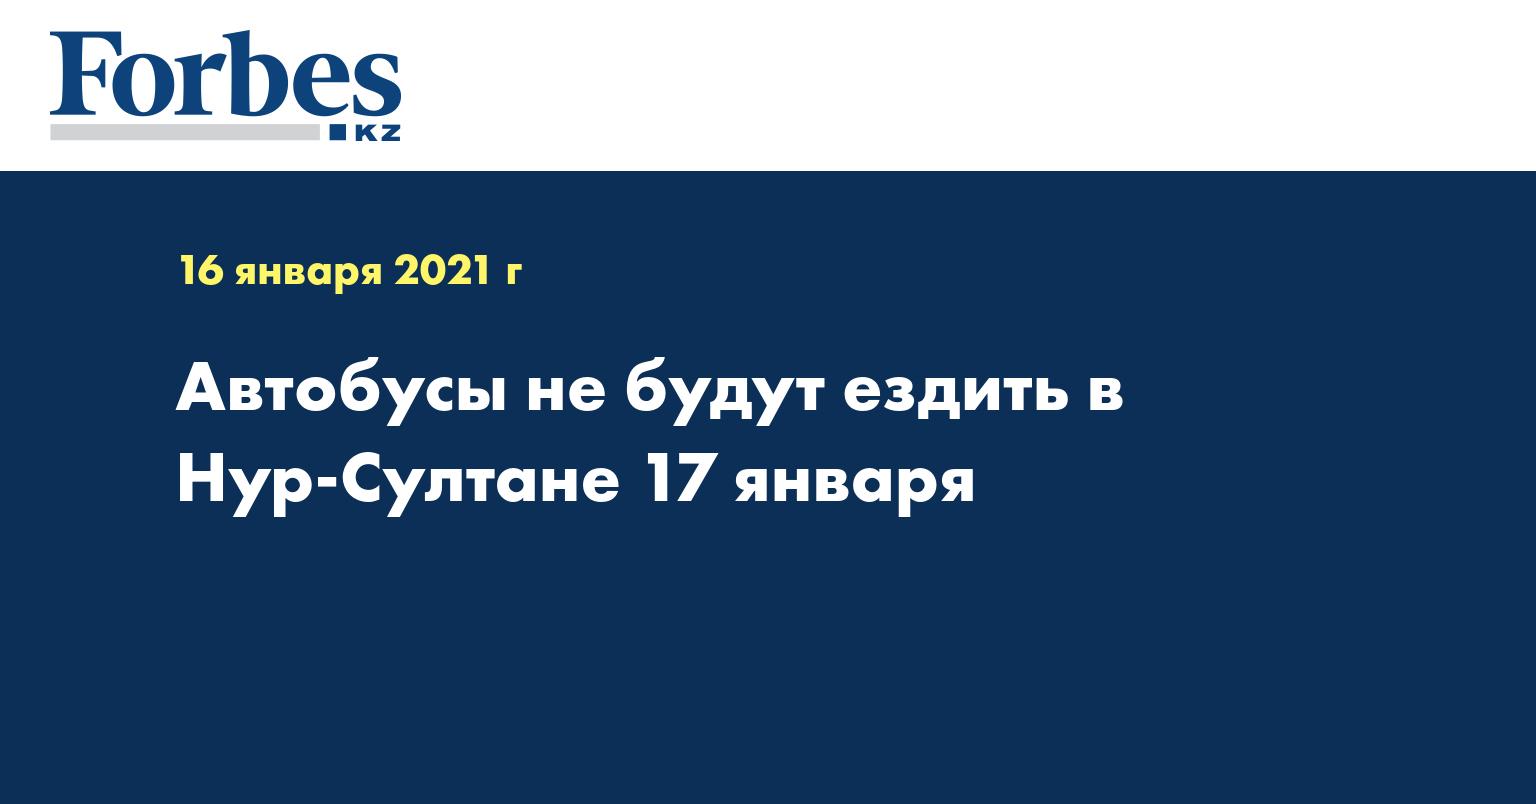 Автобусы не будут ездить в Нур-Султане 17 января